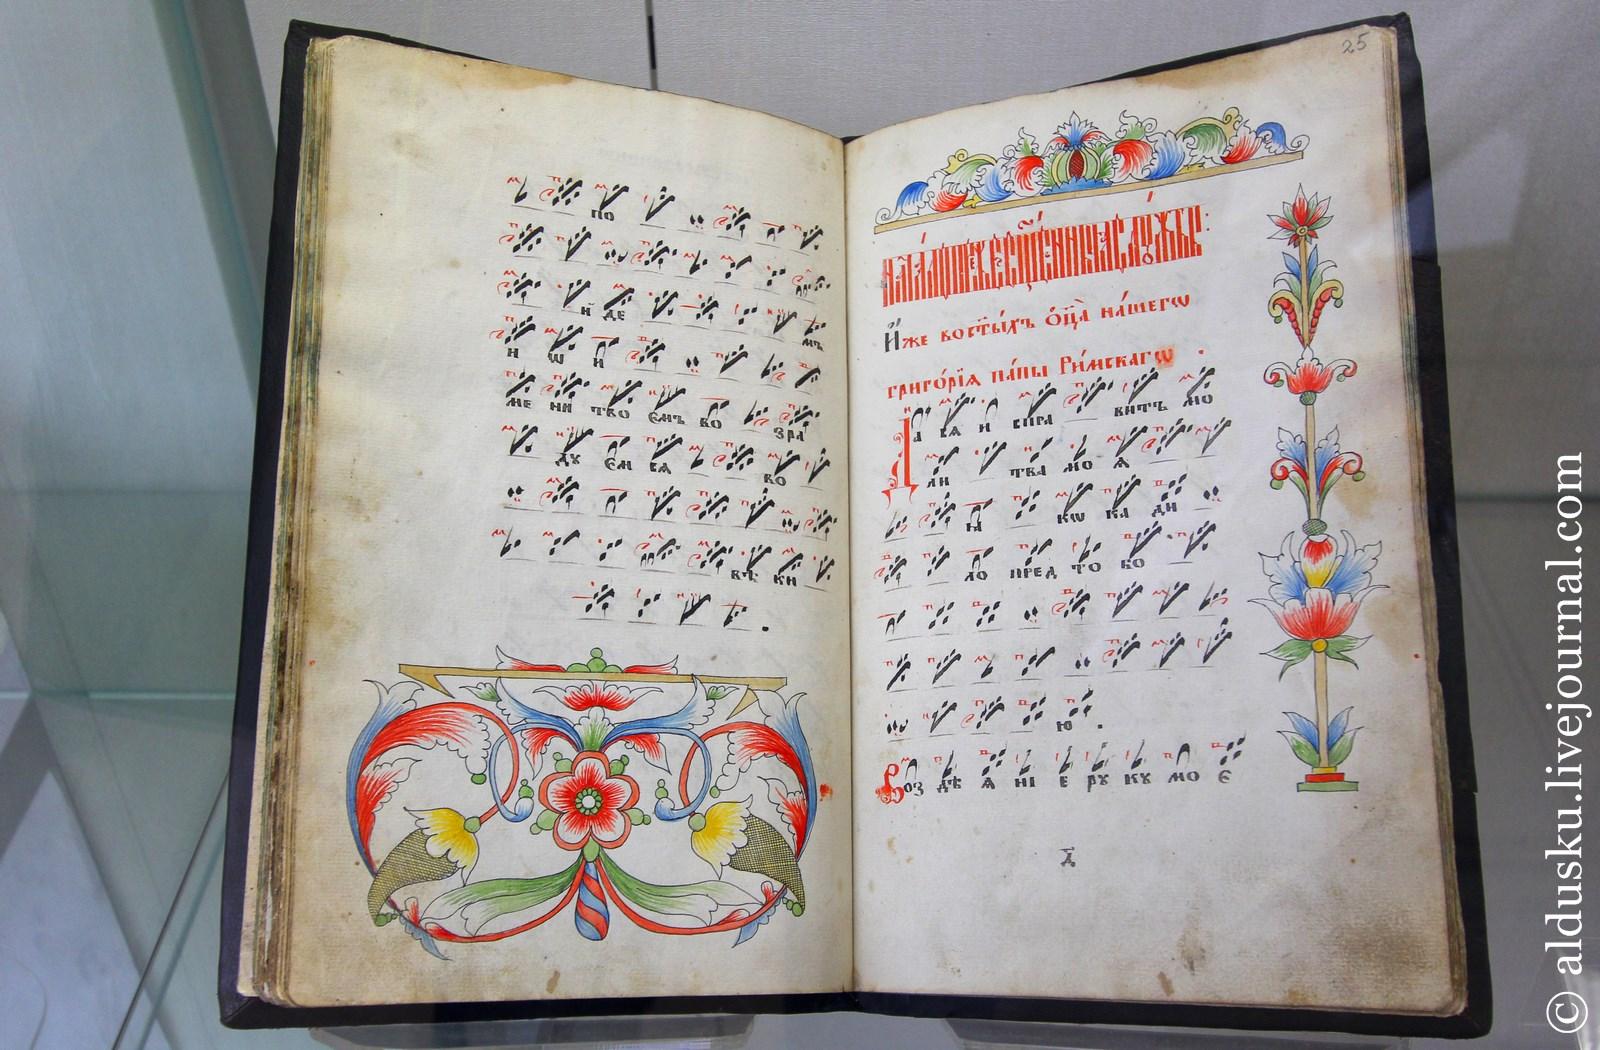 Литургия Иоанна Златоуста и литургия преждеосвященных Даров. Кон. 18 в.